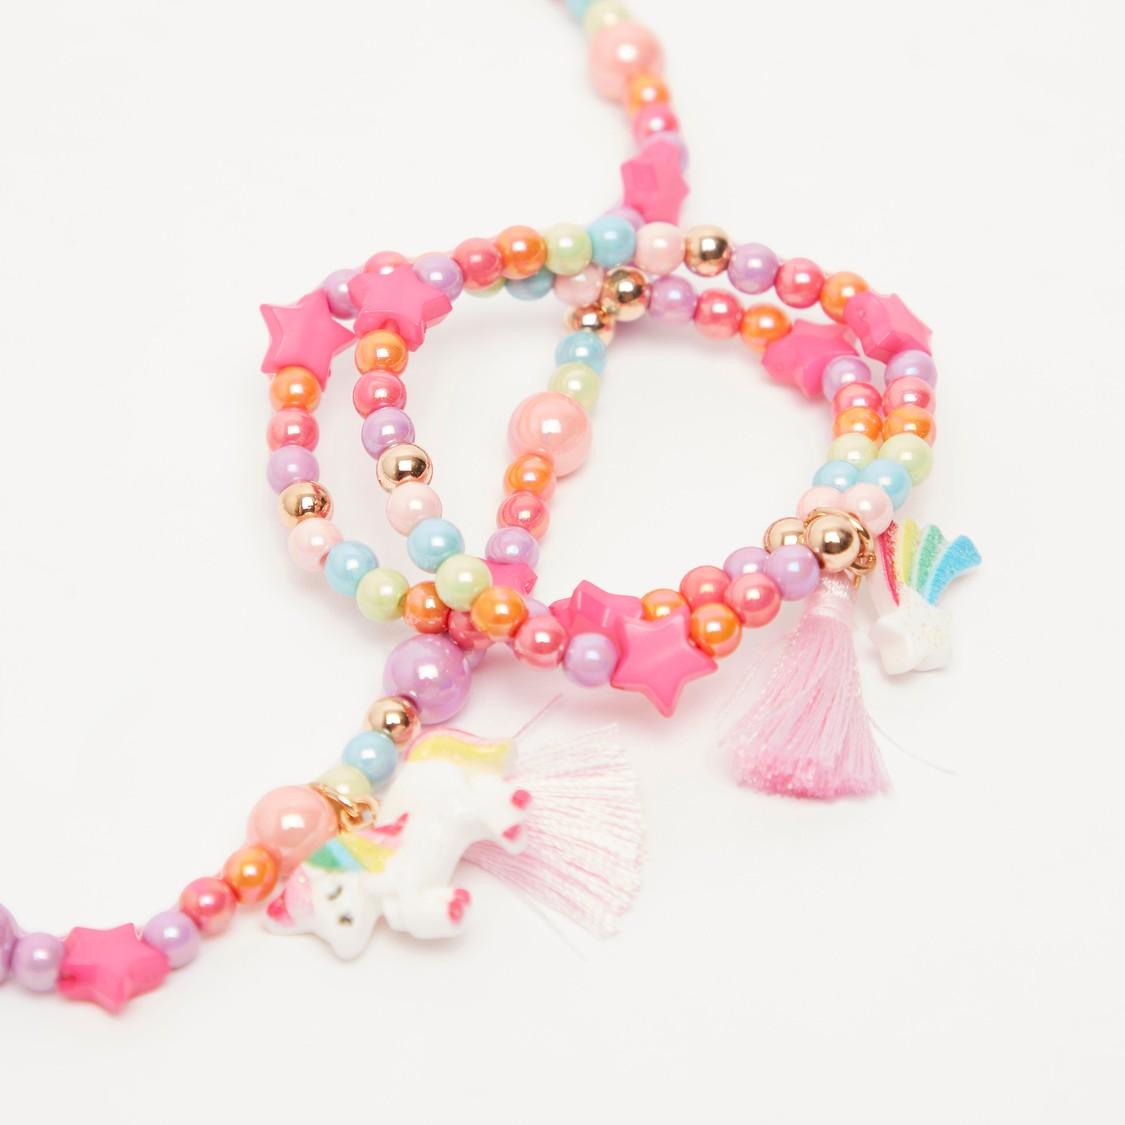 Applique Detail Necklace and Bracelet Set